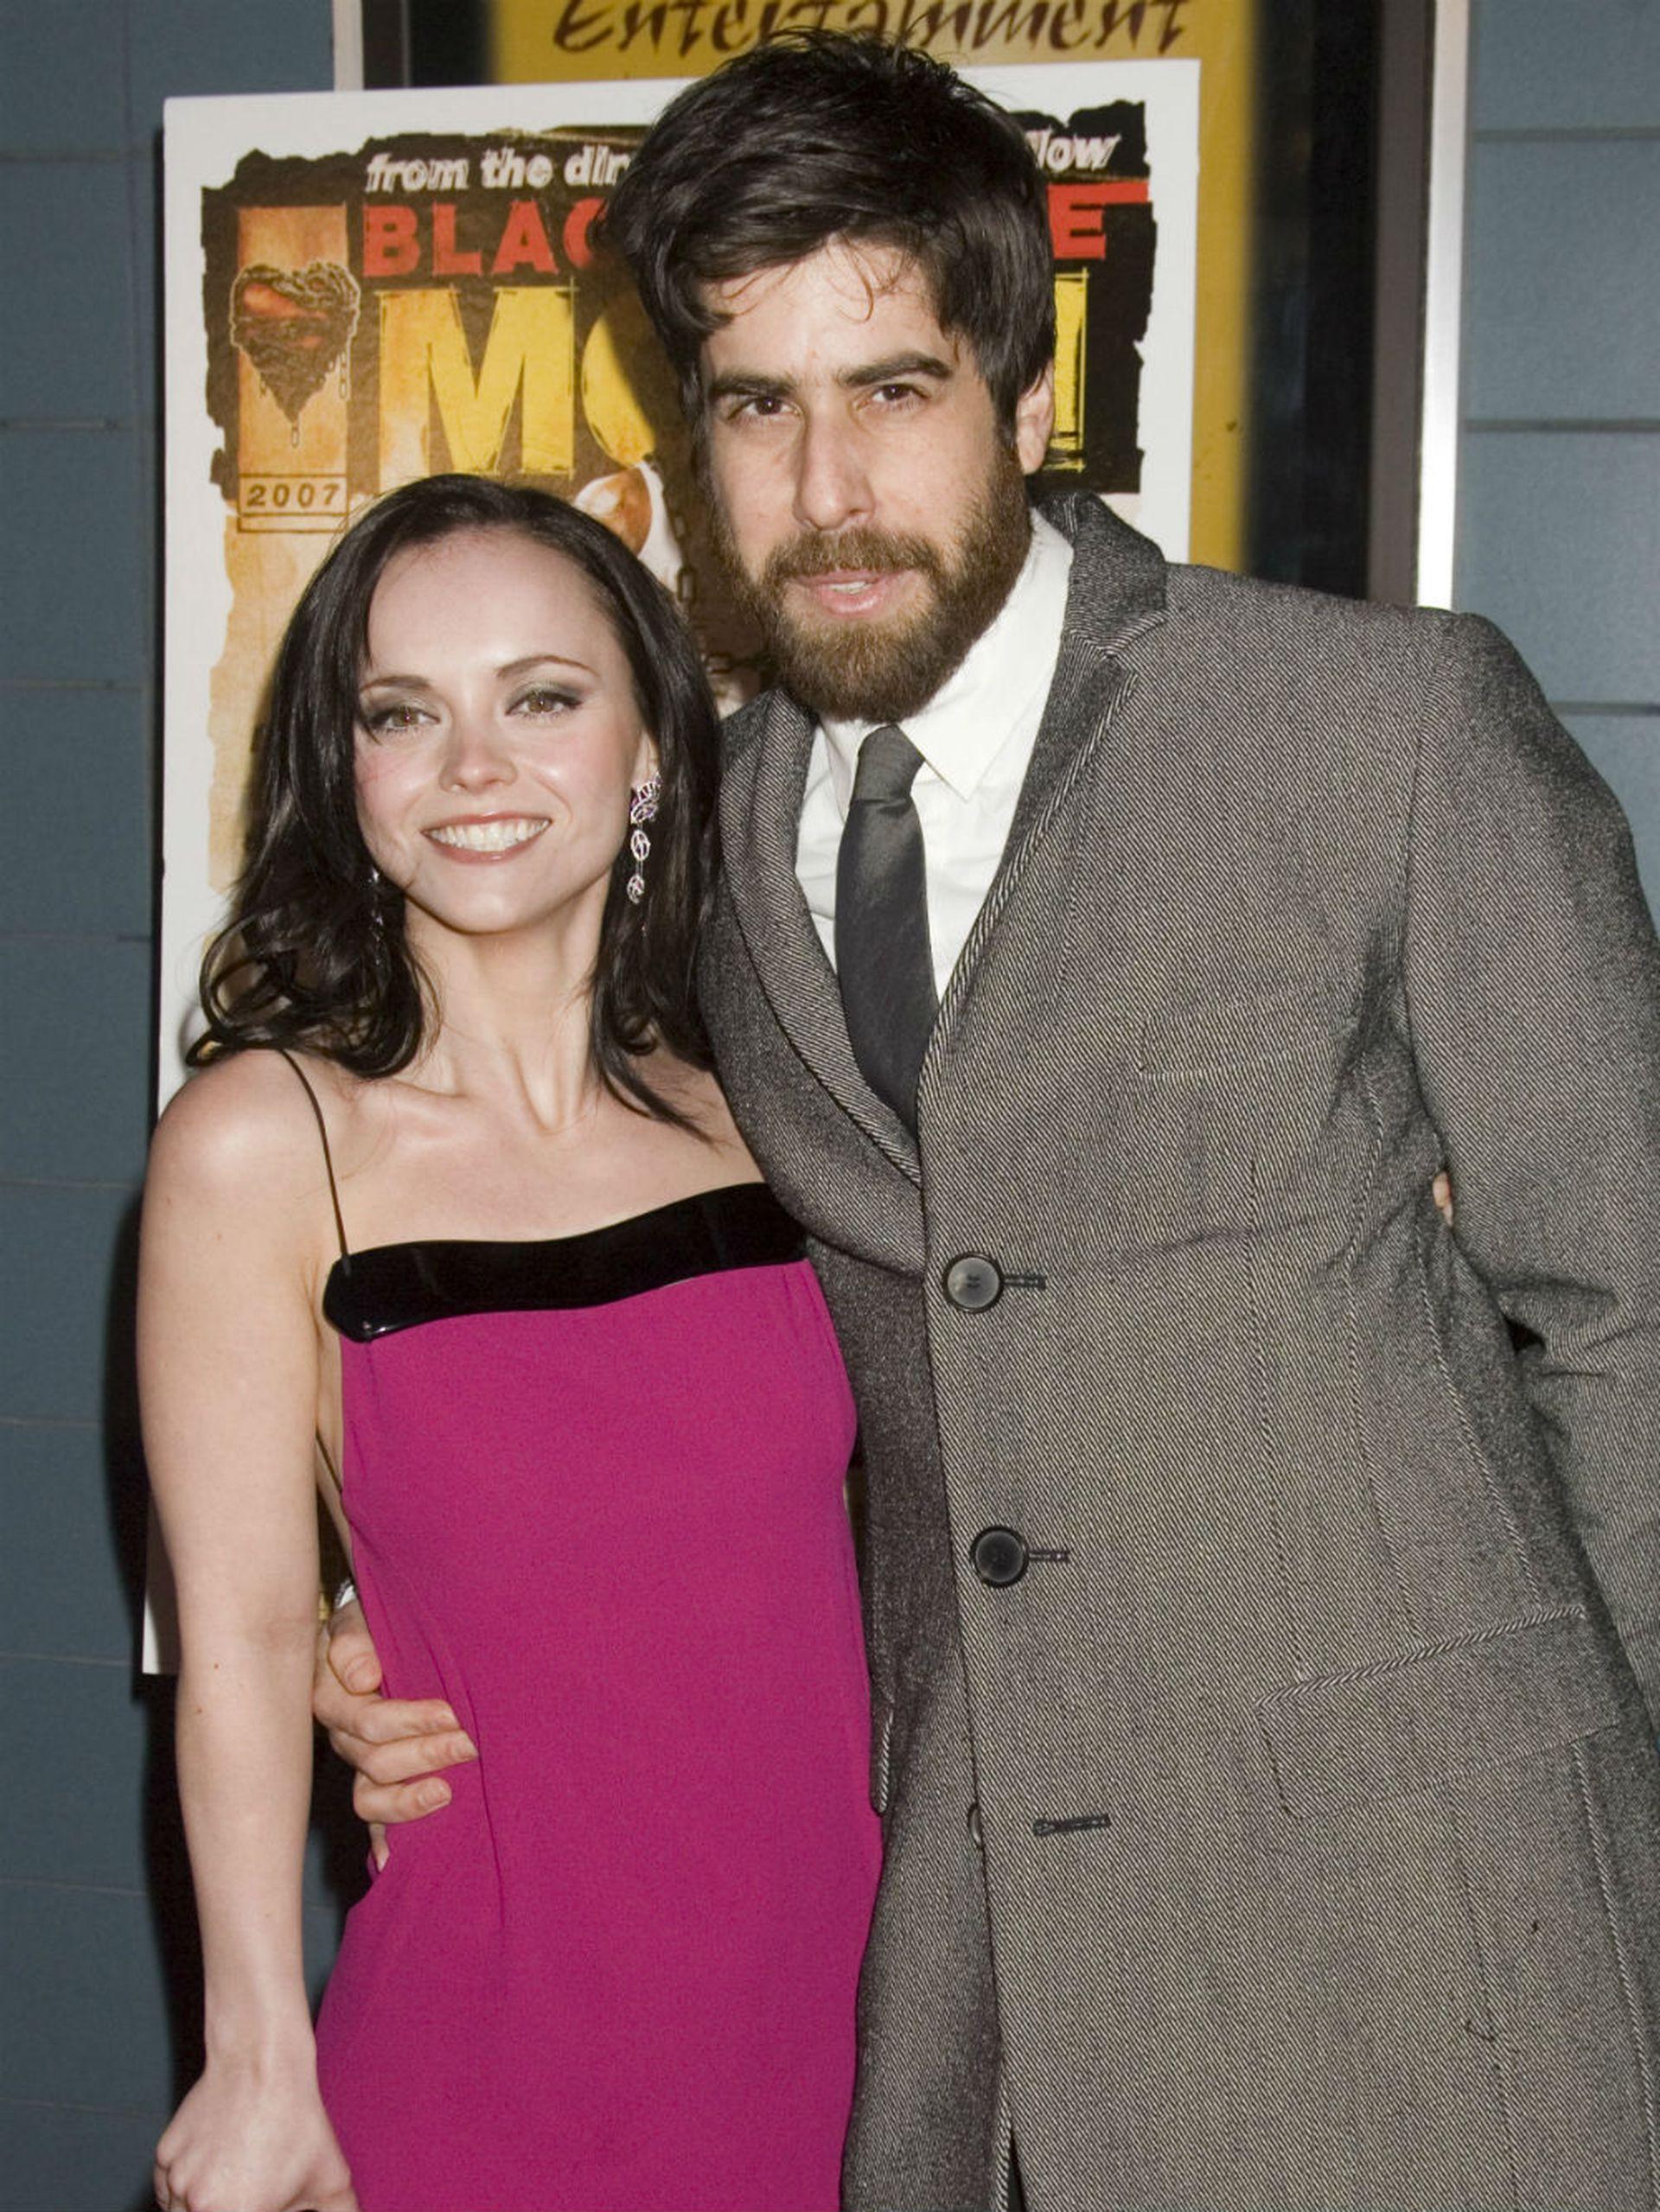 La pareja, poco antes de separarse en 2007; Ricci quería casarse y a los dos años se comprometió con el humorista Owen Benjamin